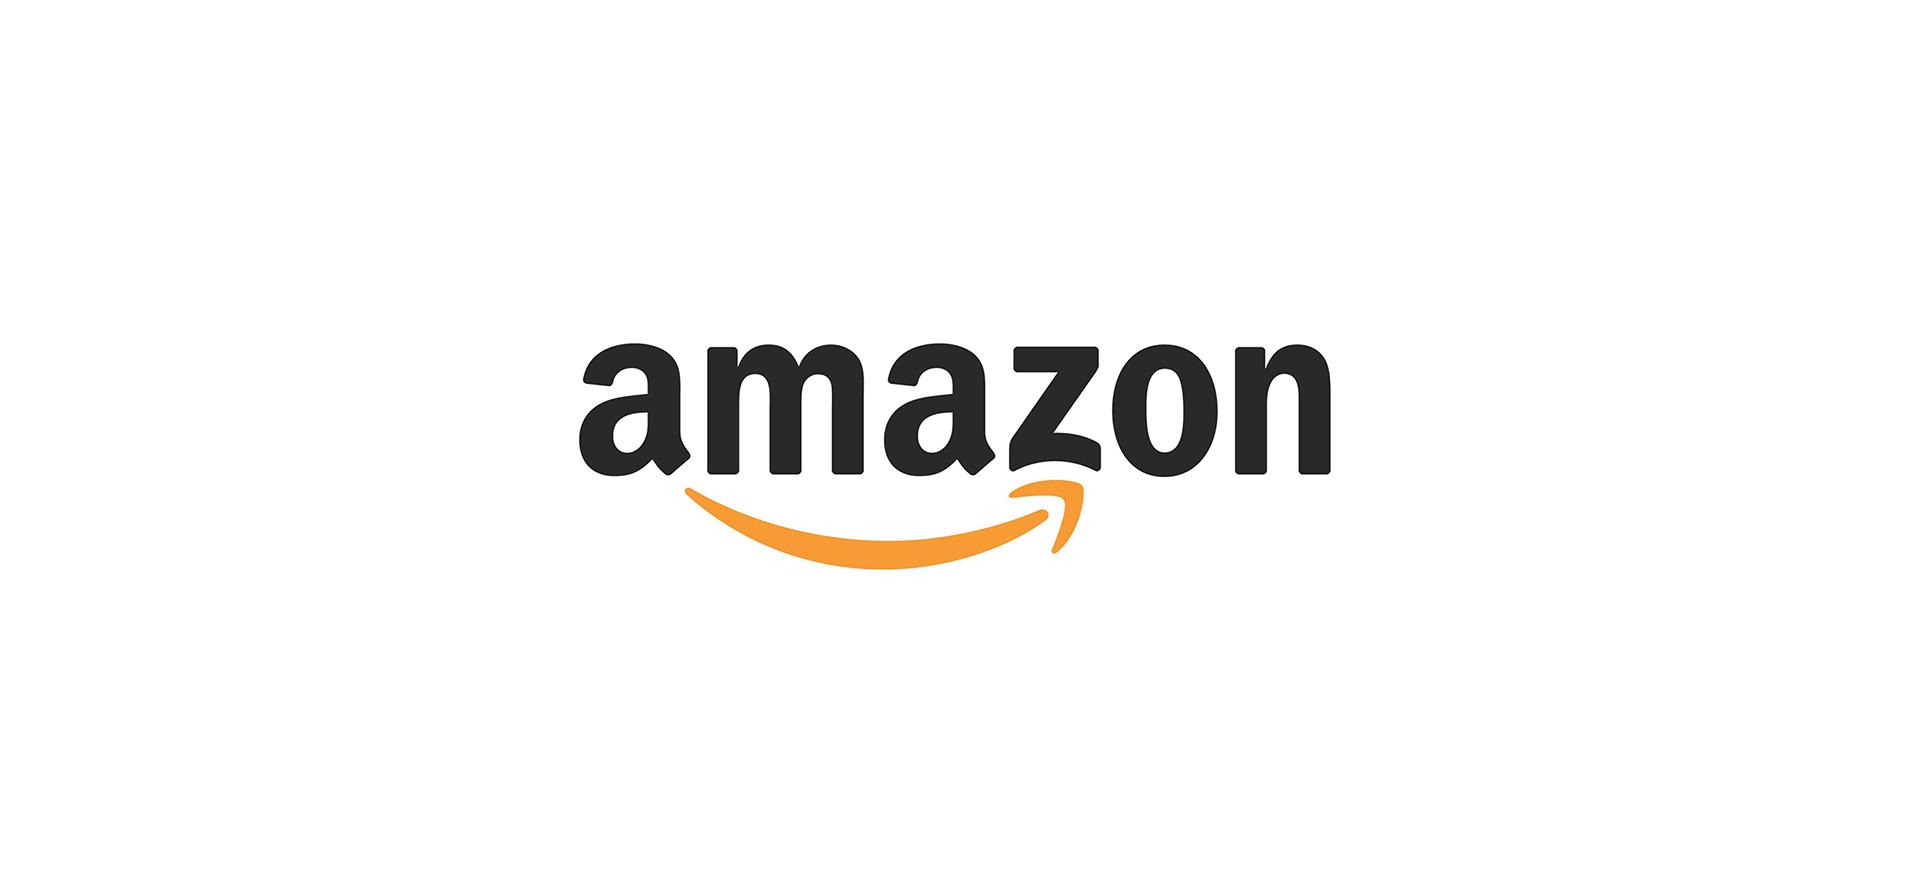 Amazon вошел в десятку крупнейших ритейлеров мира